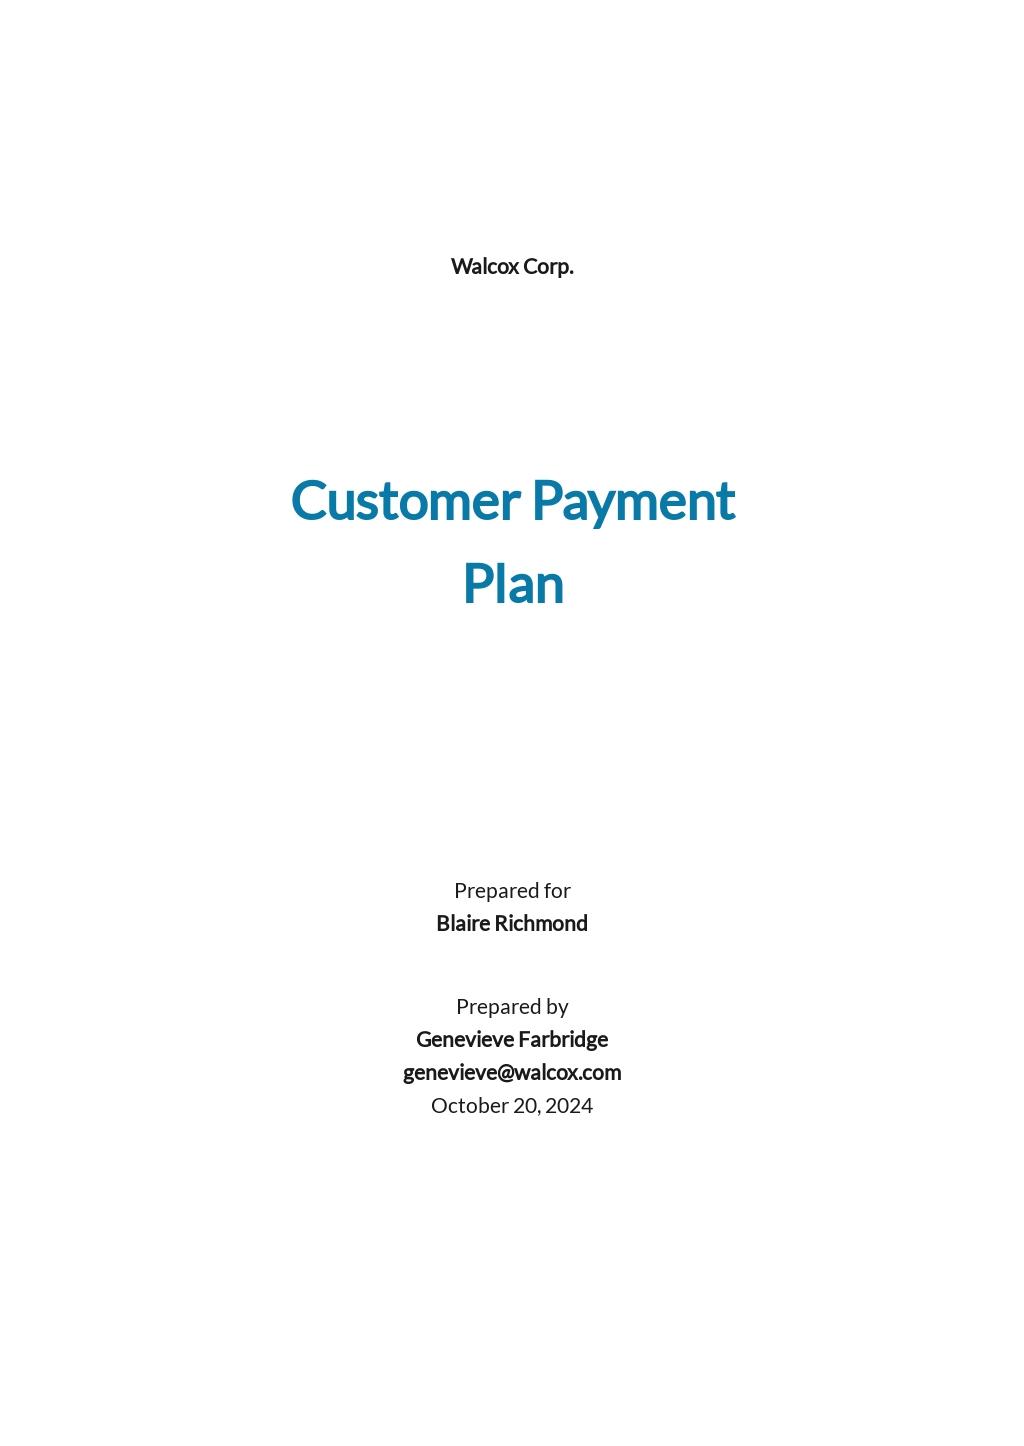 Customer Payment Plan Template.jpe